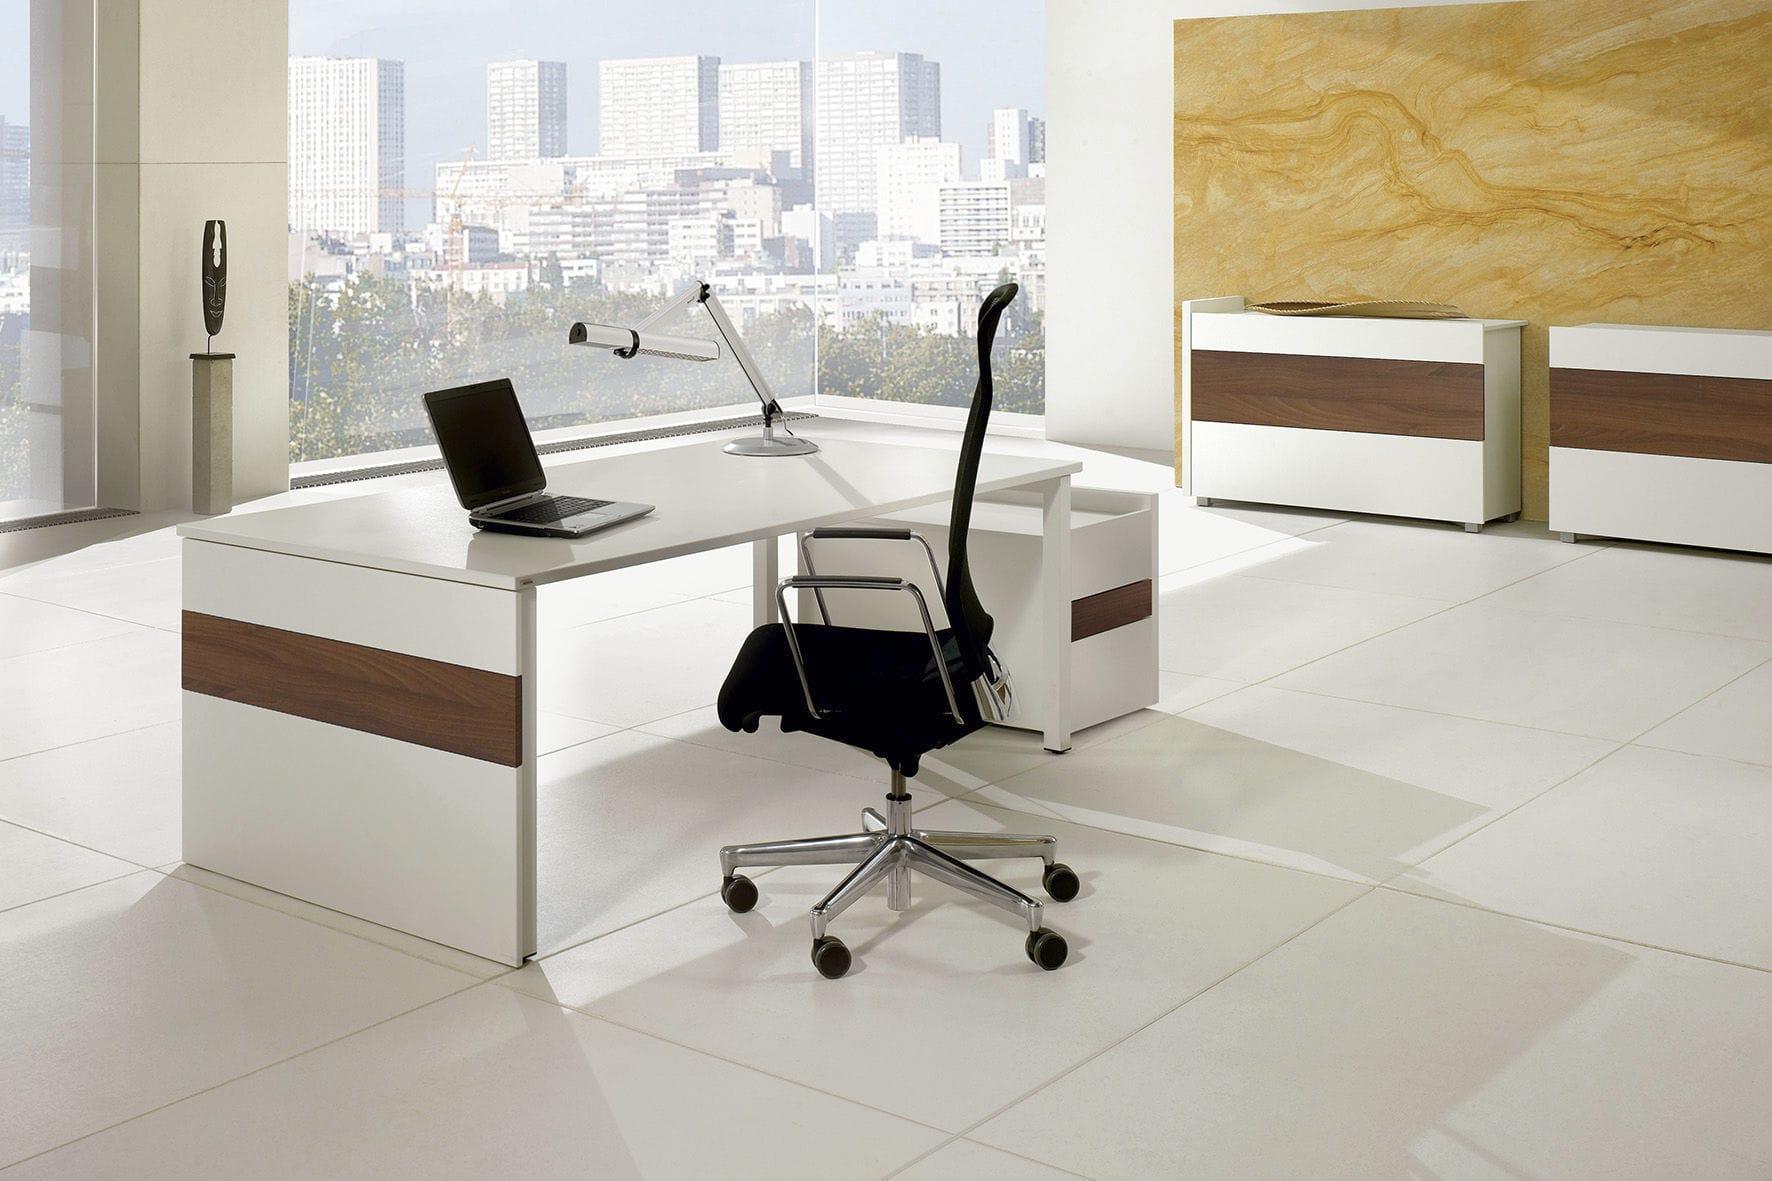 ... Holz Schreibtisch / Aus Aluminium / Melamin / Modern TRIASS ASSMANN  BÜROMÖBEL GMBH U0026 CO ...